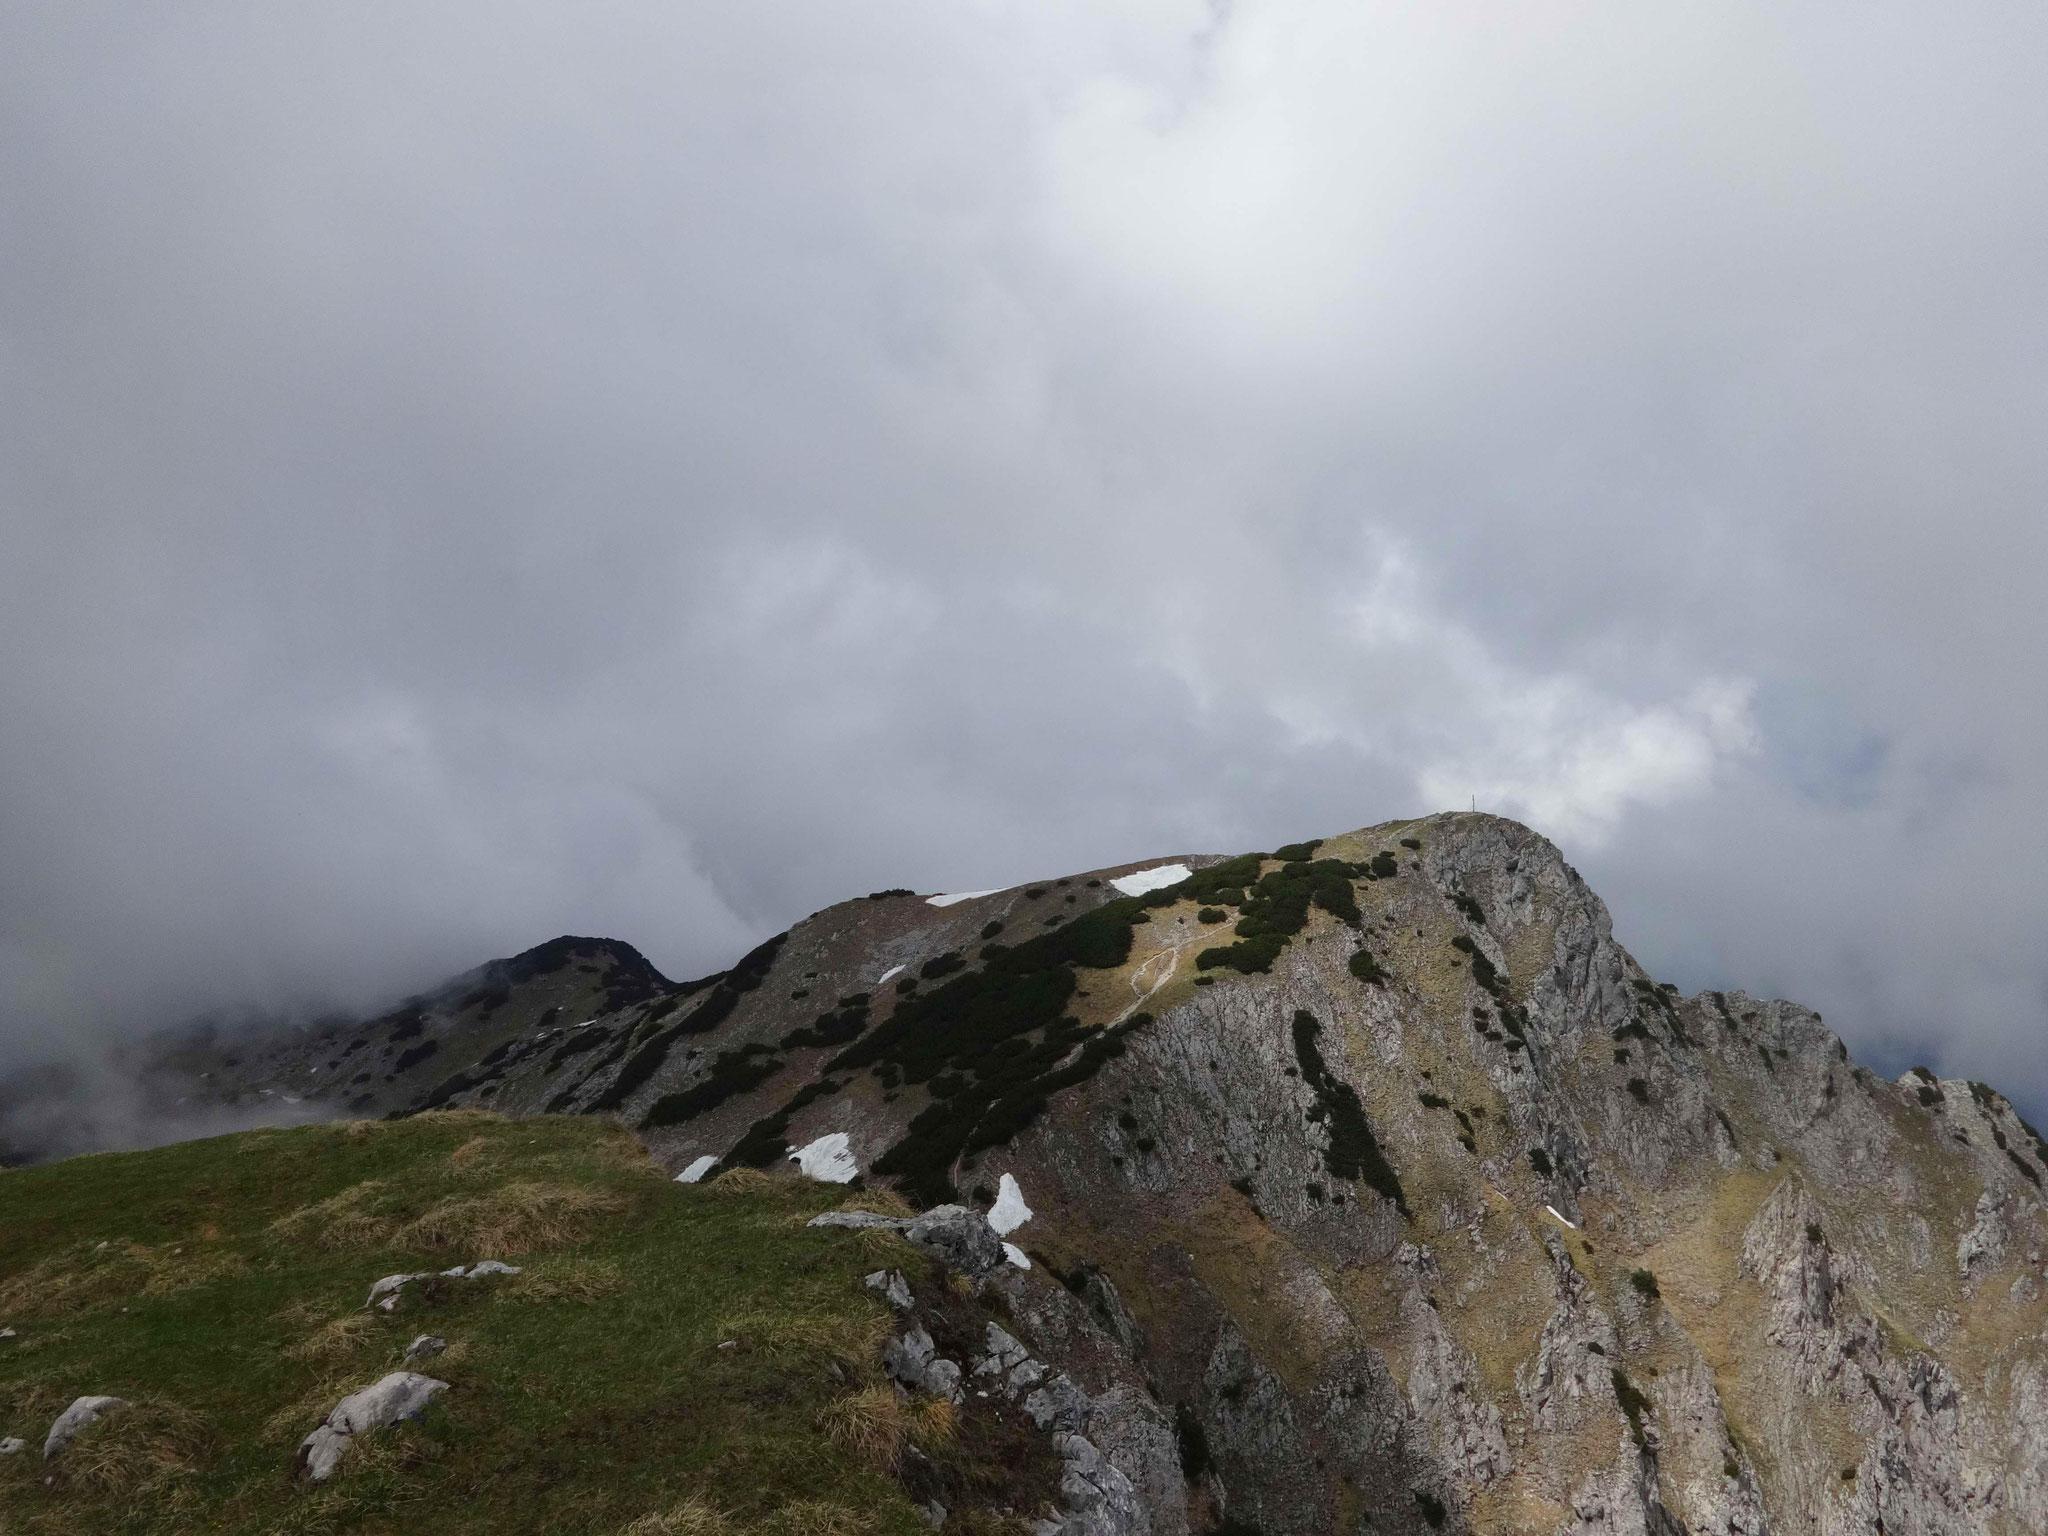 ...die uns ohne Gipfelkreuz, aber mit einem Steinmann empfängt.